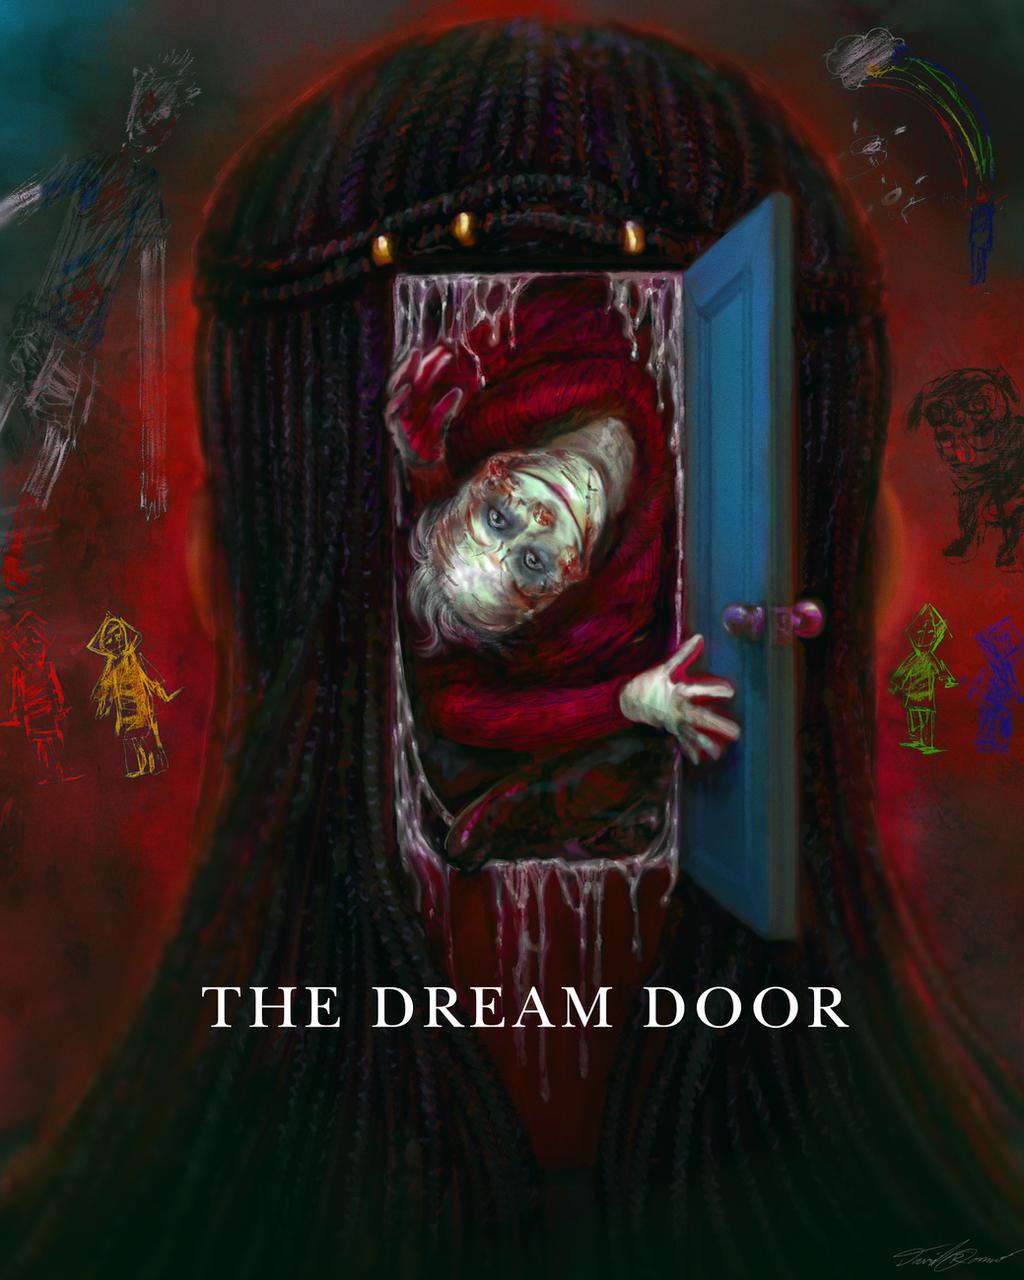 The Dream Door by cinemamind